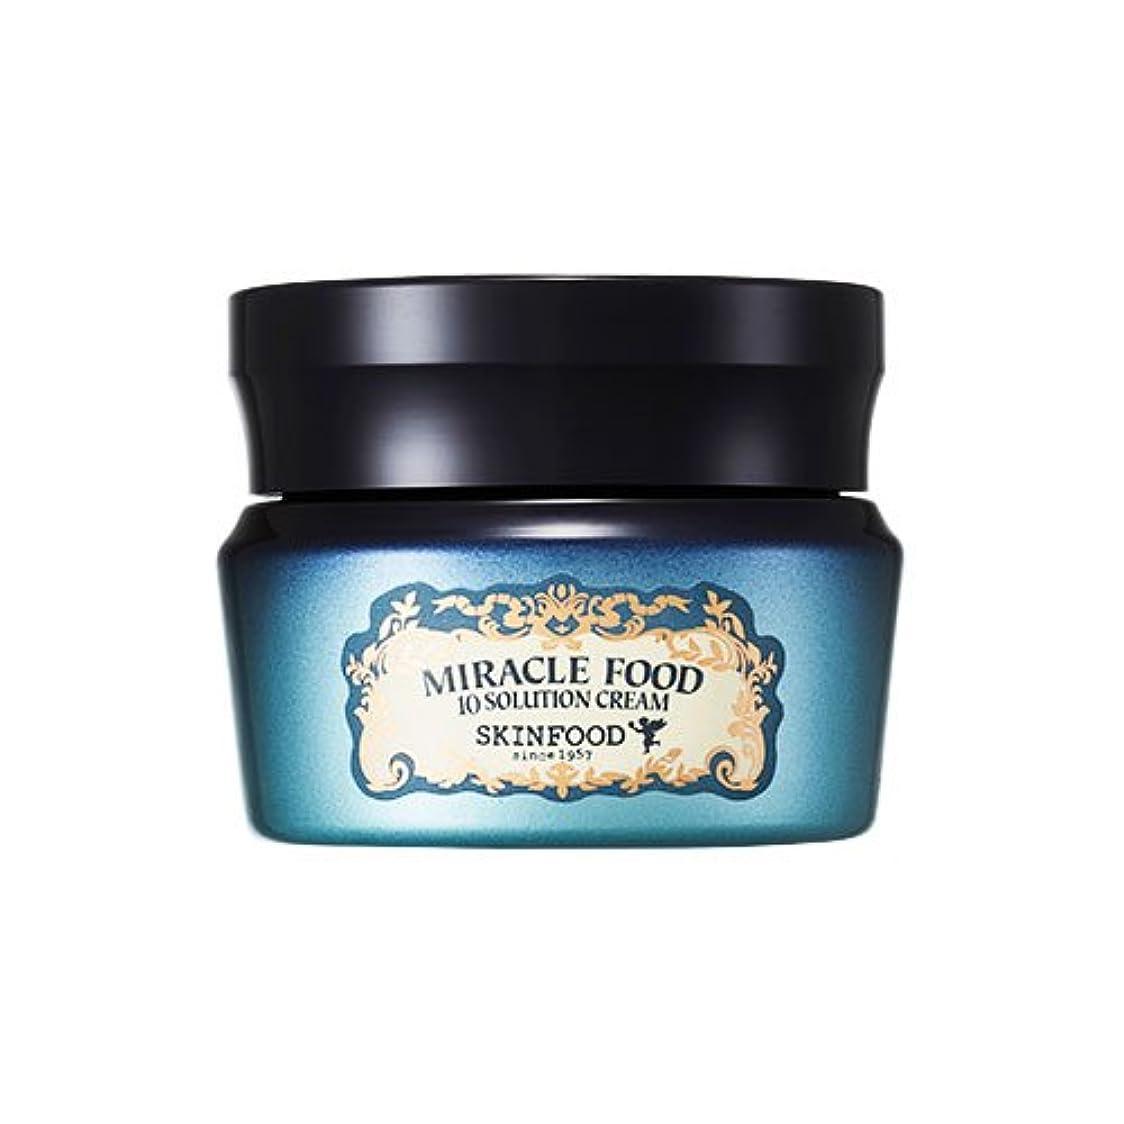 花に水をやる担当者関税Skinfood ミラクルフード10ソリューションクリーム(美白効果としわ防止効果) / Miracle Food 10 Solution Cream (Skin-Brightening and Anti-Wrinkle...